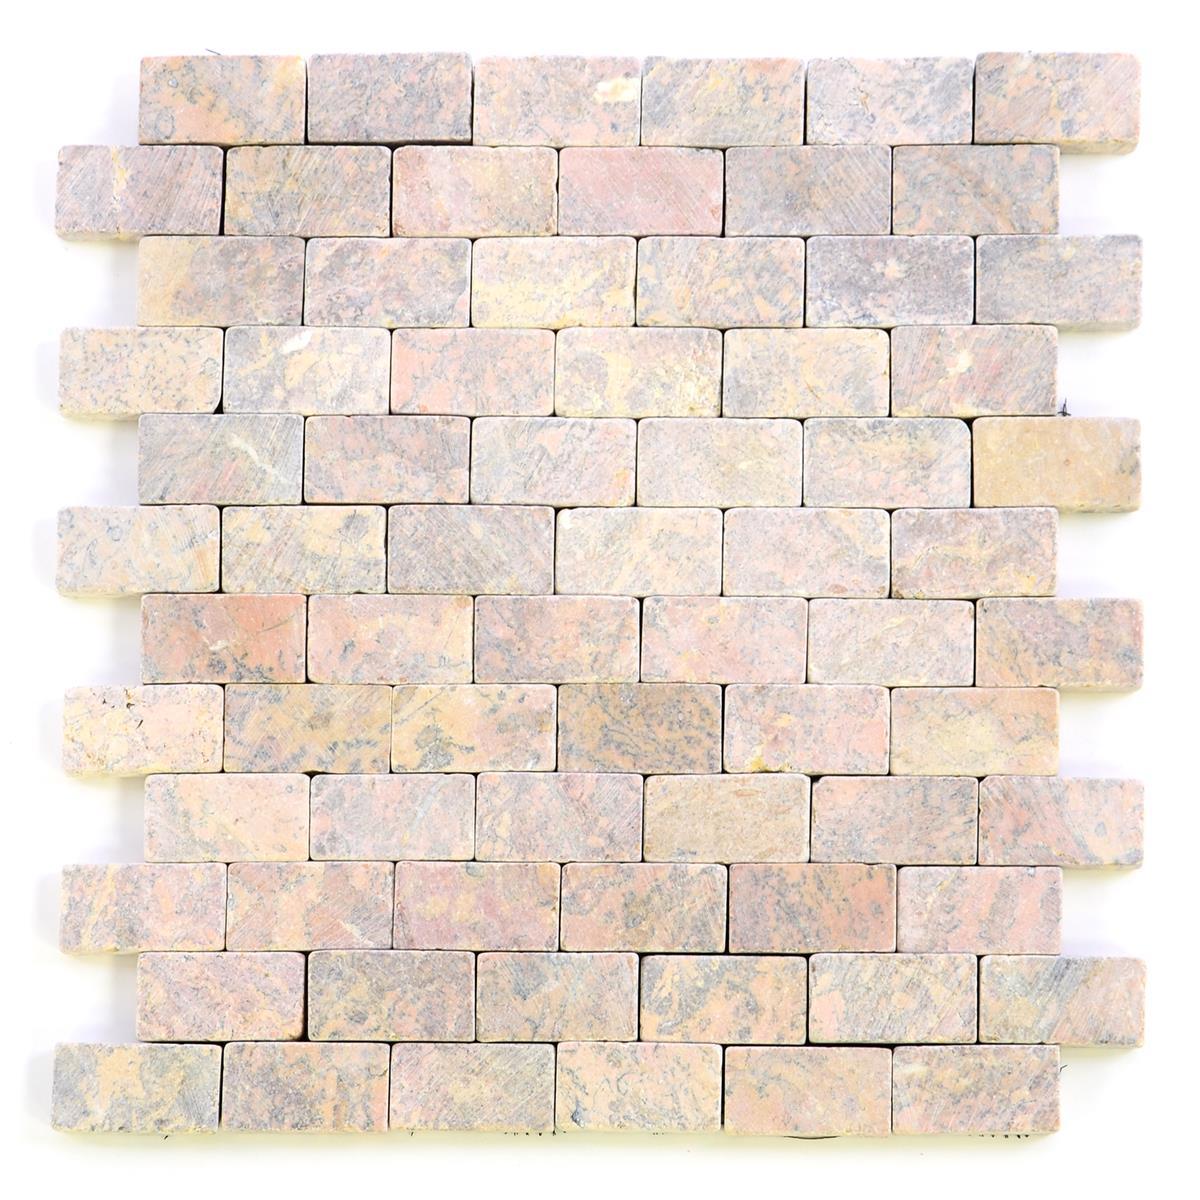 DIVERO 11 Fliesenmatten Mosaik aus Marmor beige weiß á 29 x 32 cm